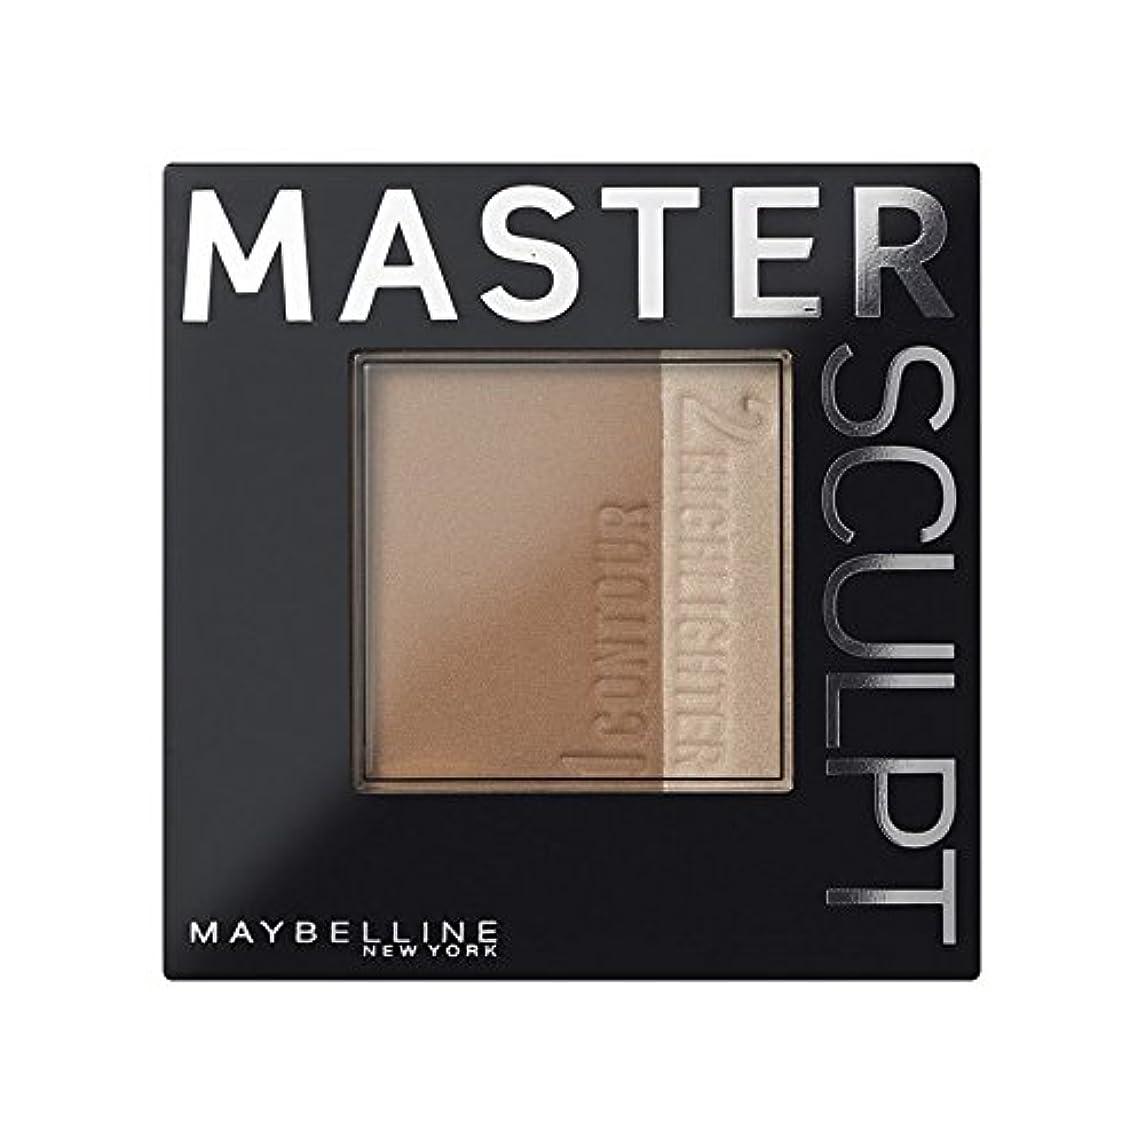 パーツ生息地緊張する土台01光/ を輪郭メイベリンマスタースカルプト x4 - Maybelline Master Sculpt Contouring Foundation 01 Light/Med (Pack of 4) [並行輸入品]